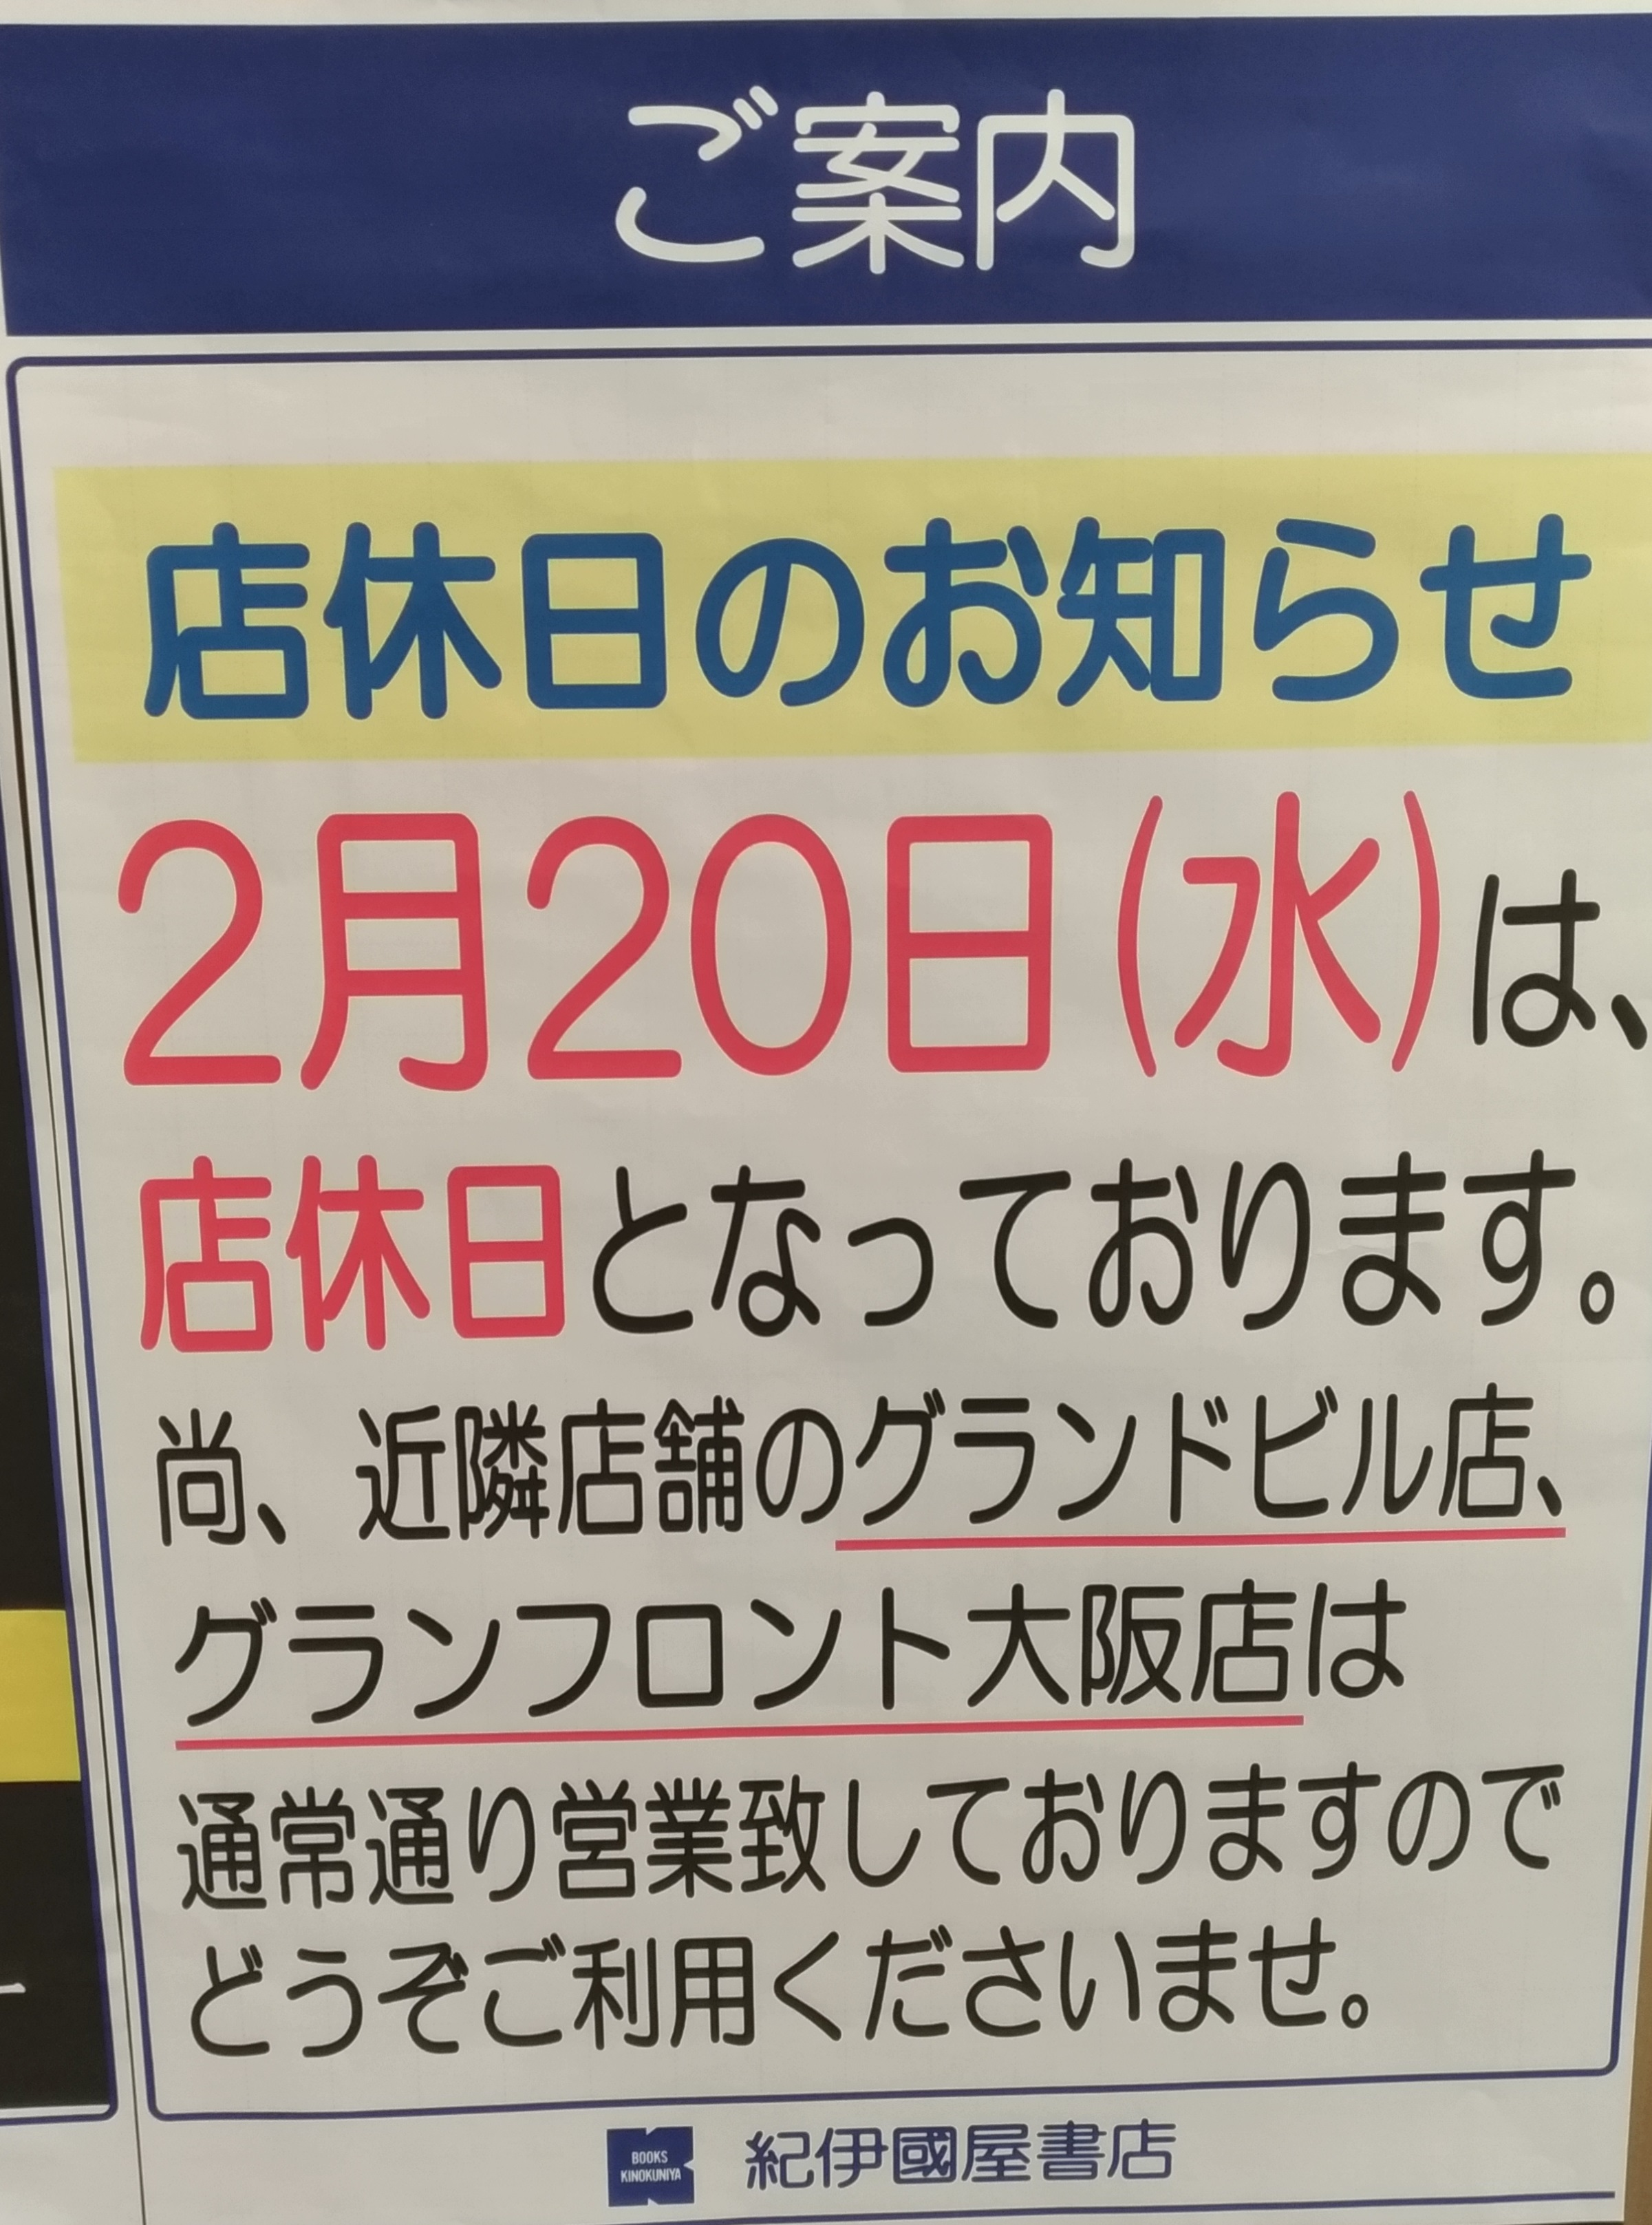 umeda_osaka_kinokuniya_oyasumi.jpg